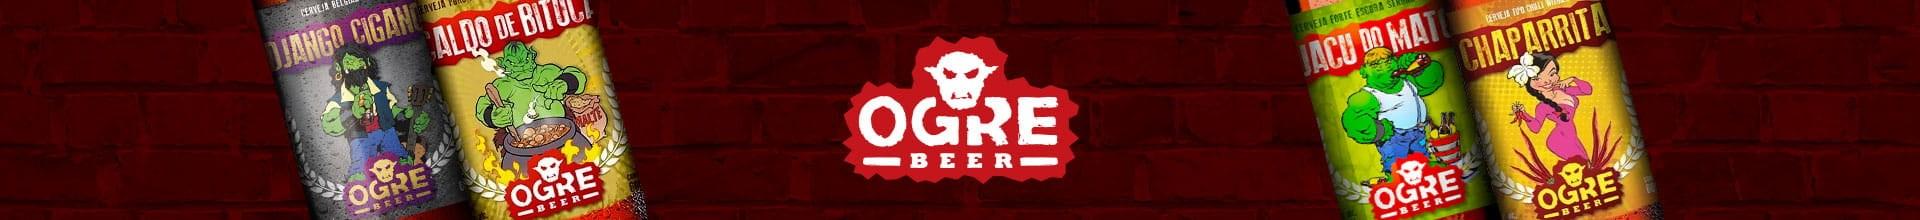 Cervejaria Ogre Beer